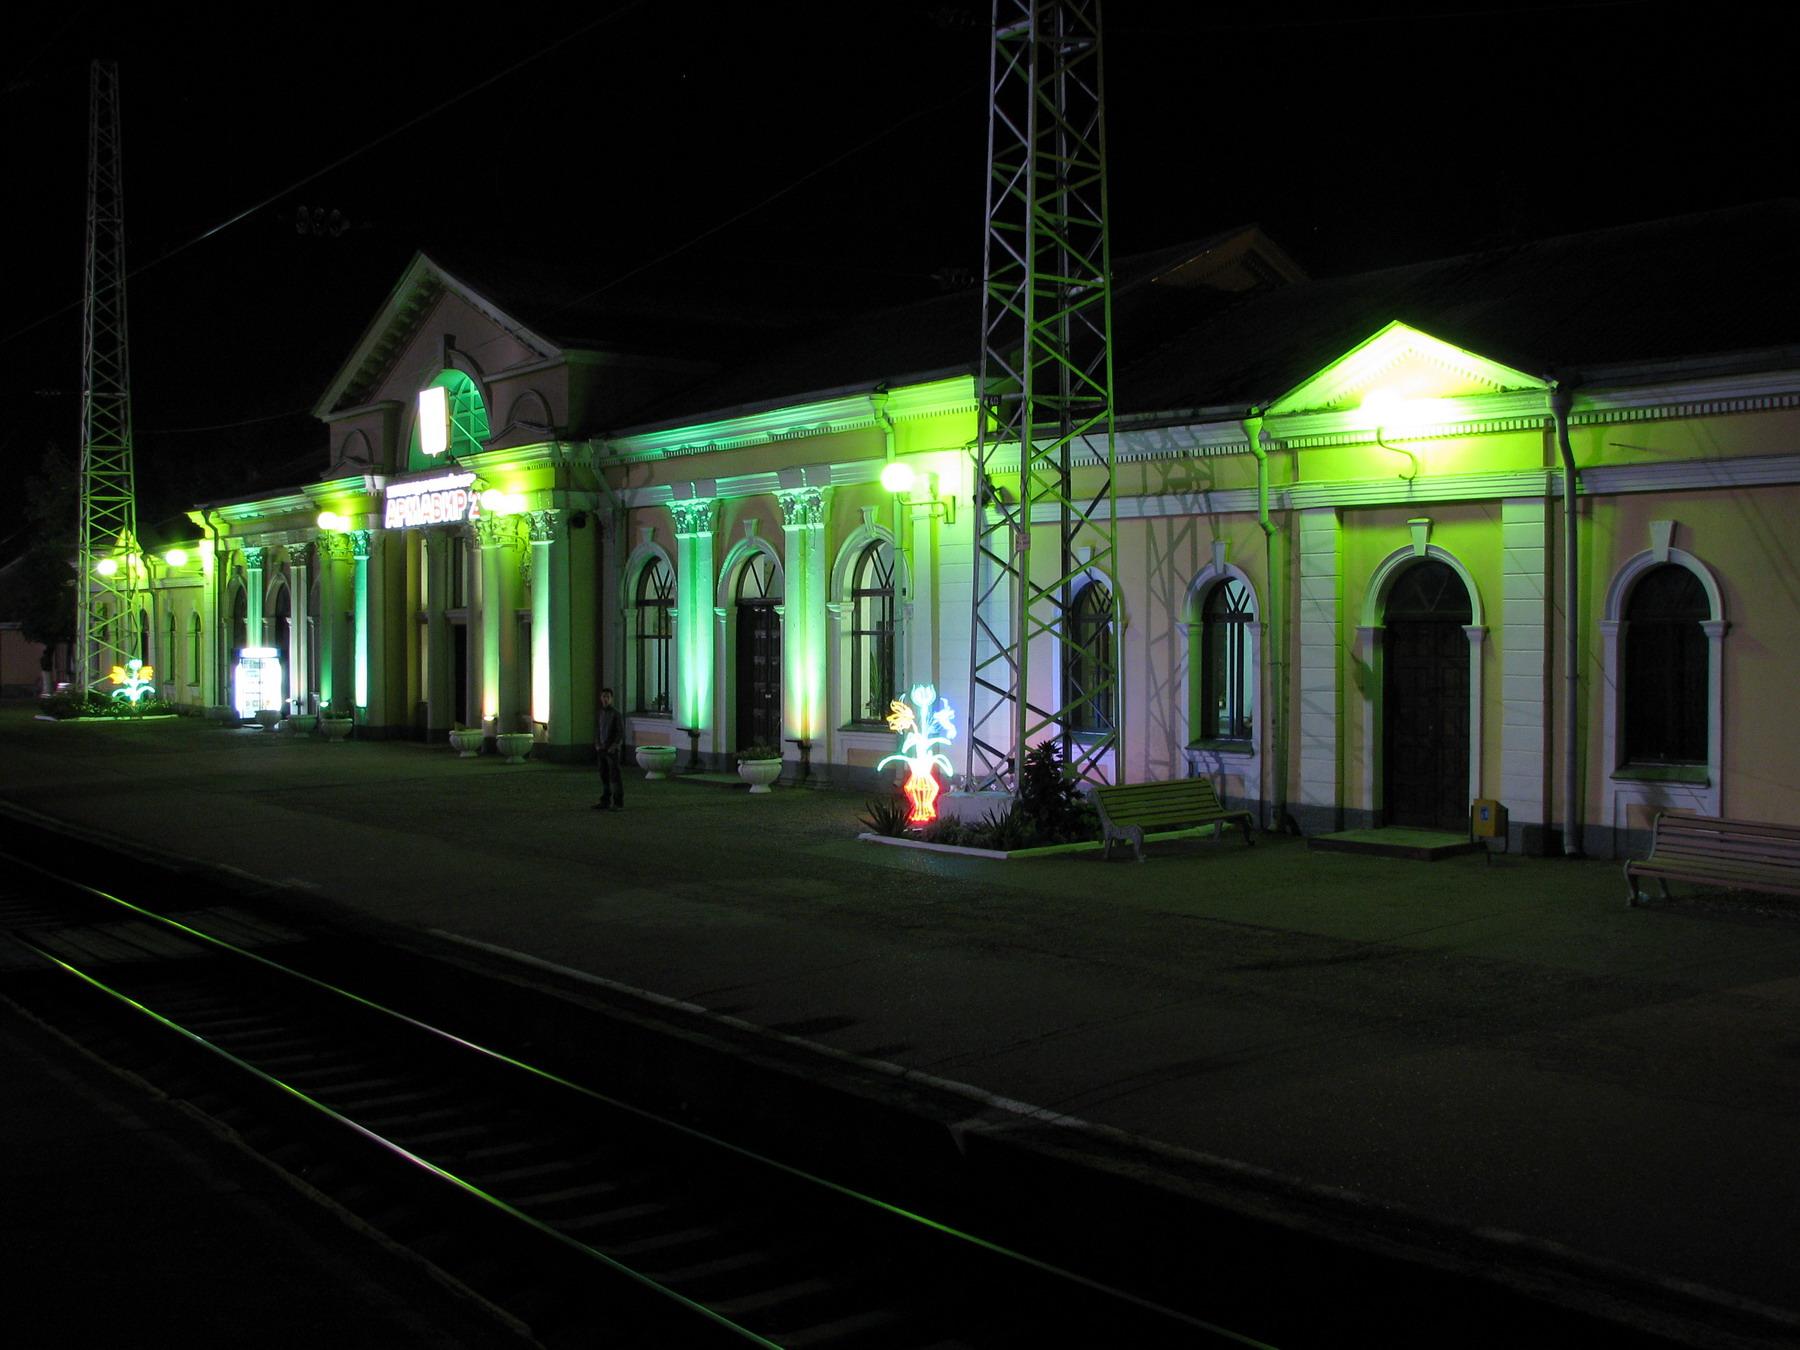 где фото ж д вокзал станции белореченская желаете